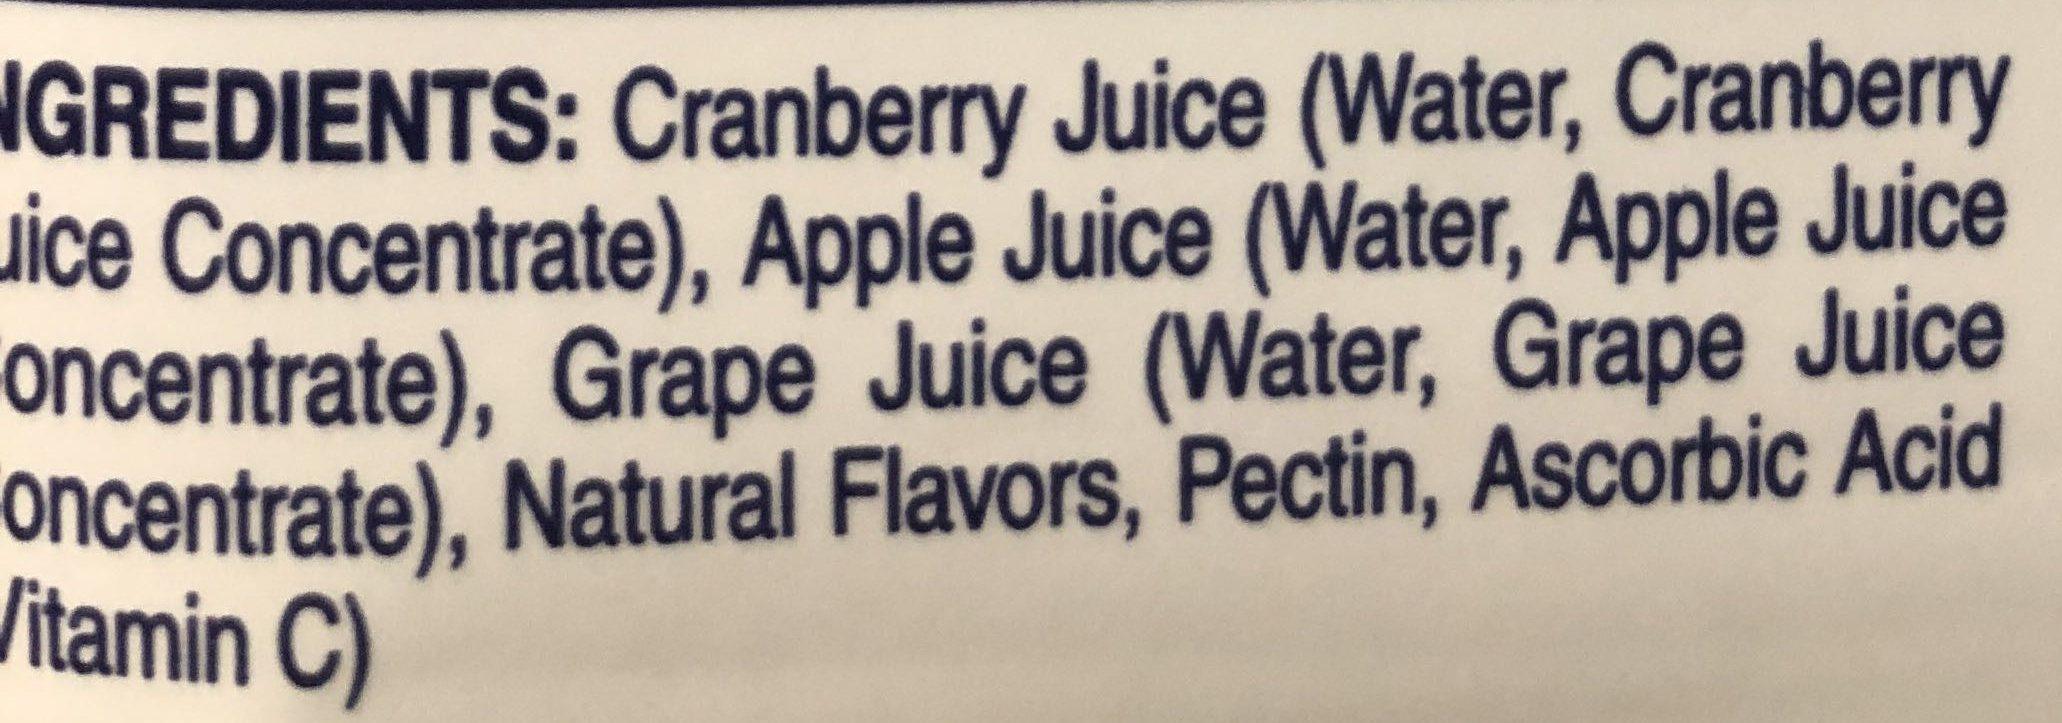 Kirkland 100% Juice Cranberry Premium - Ingredients - en